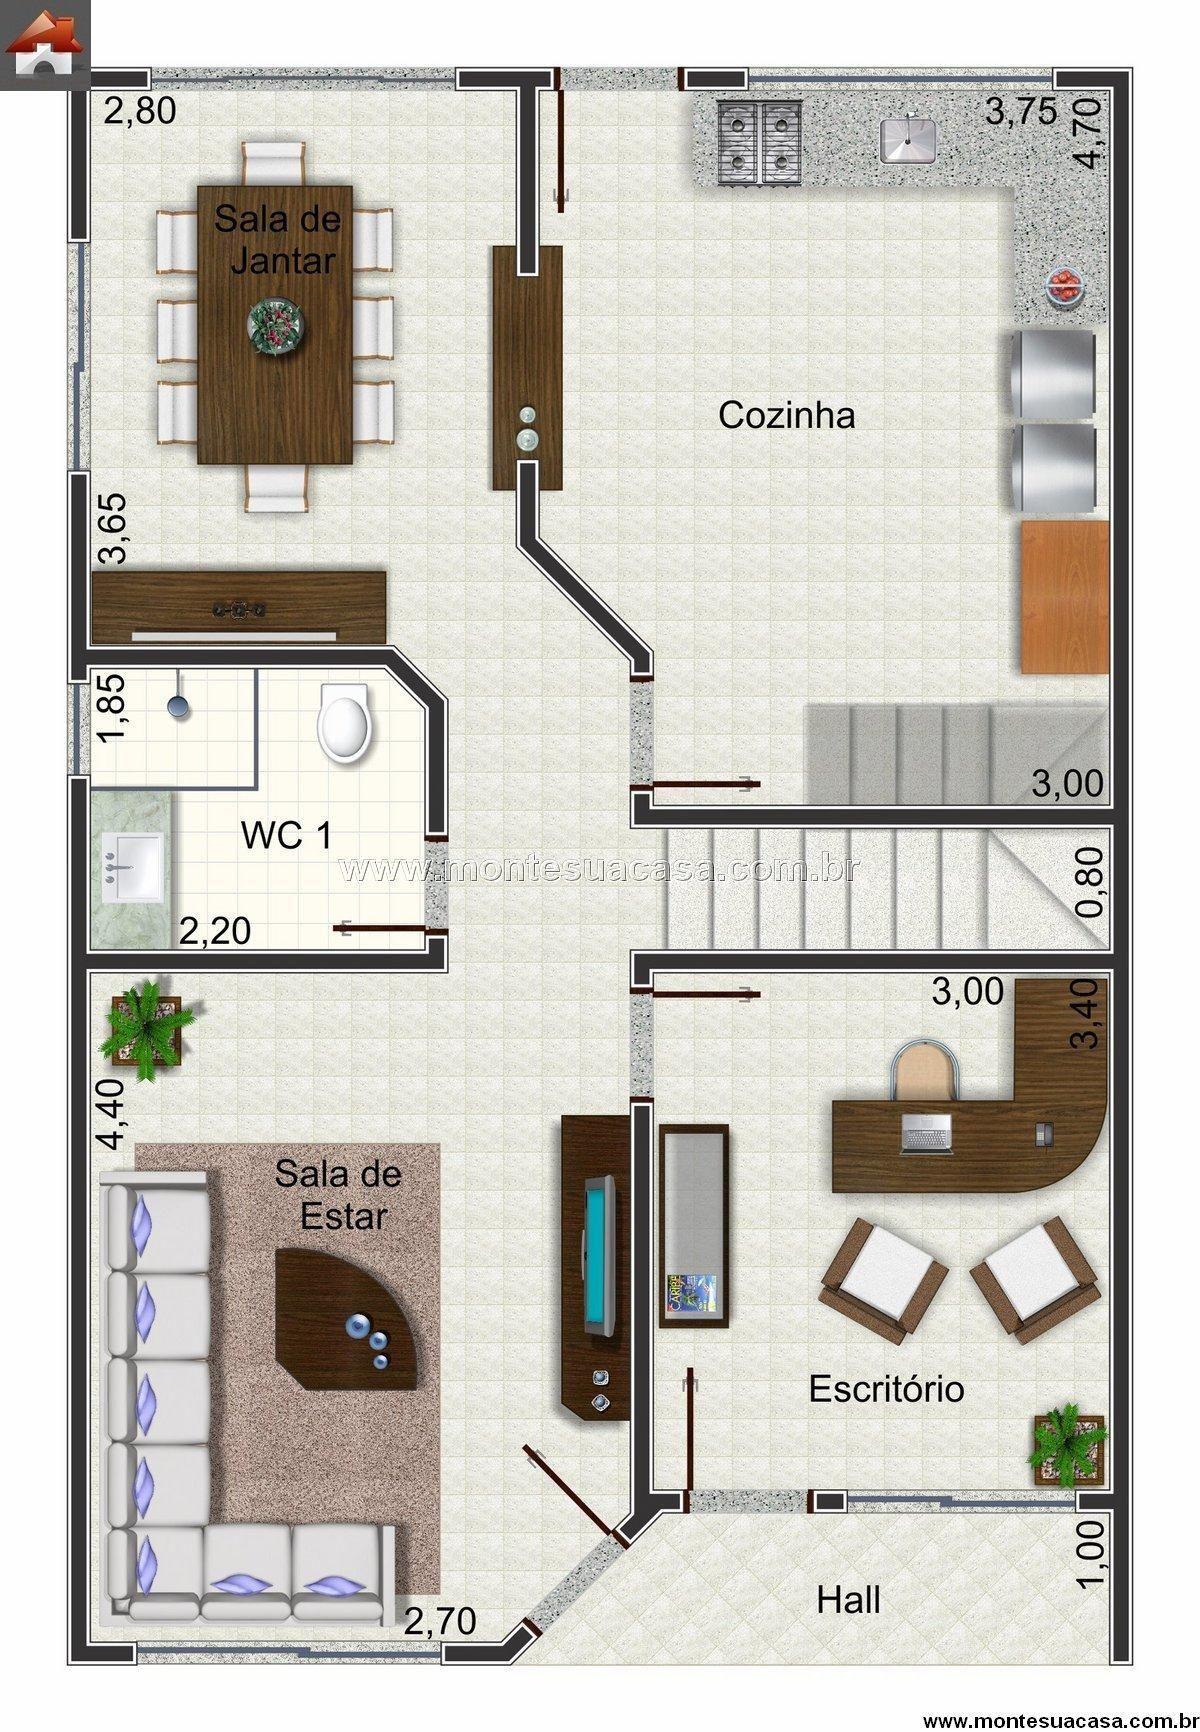 Sobrado 2 quartos 147m house pinterest casas for Casa minimalista 60m2